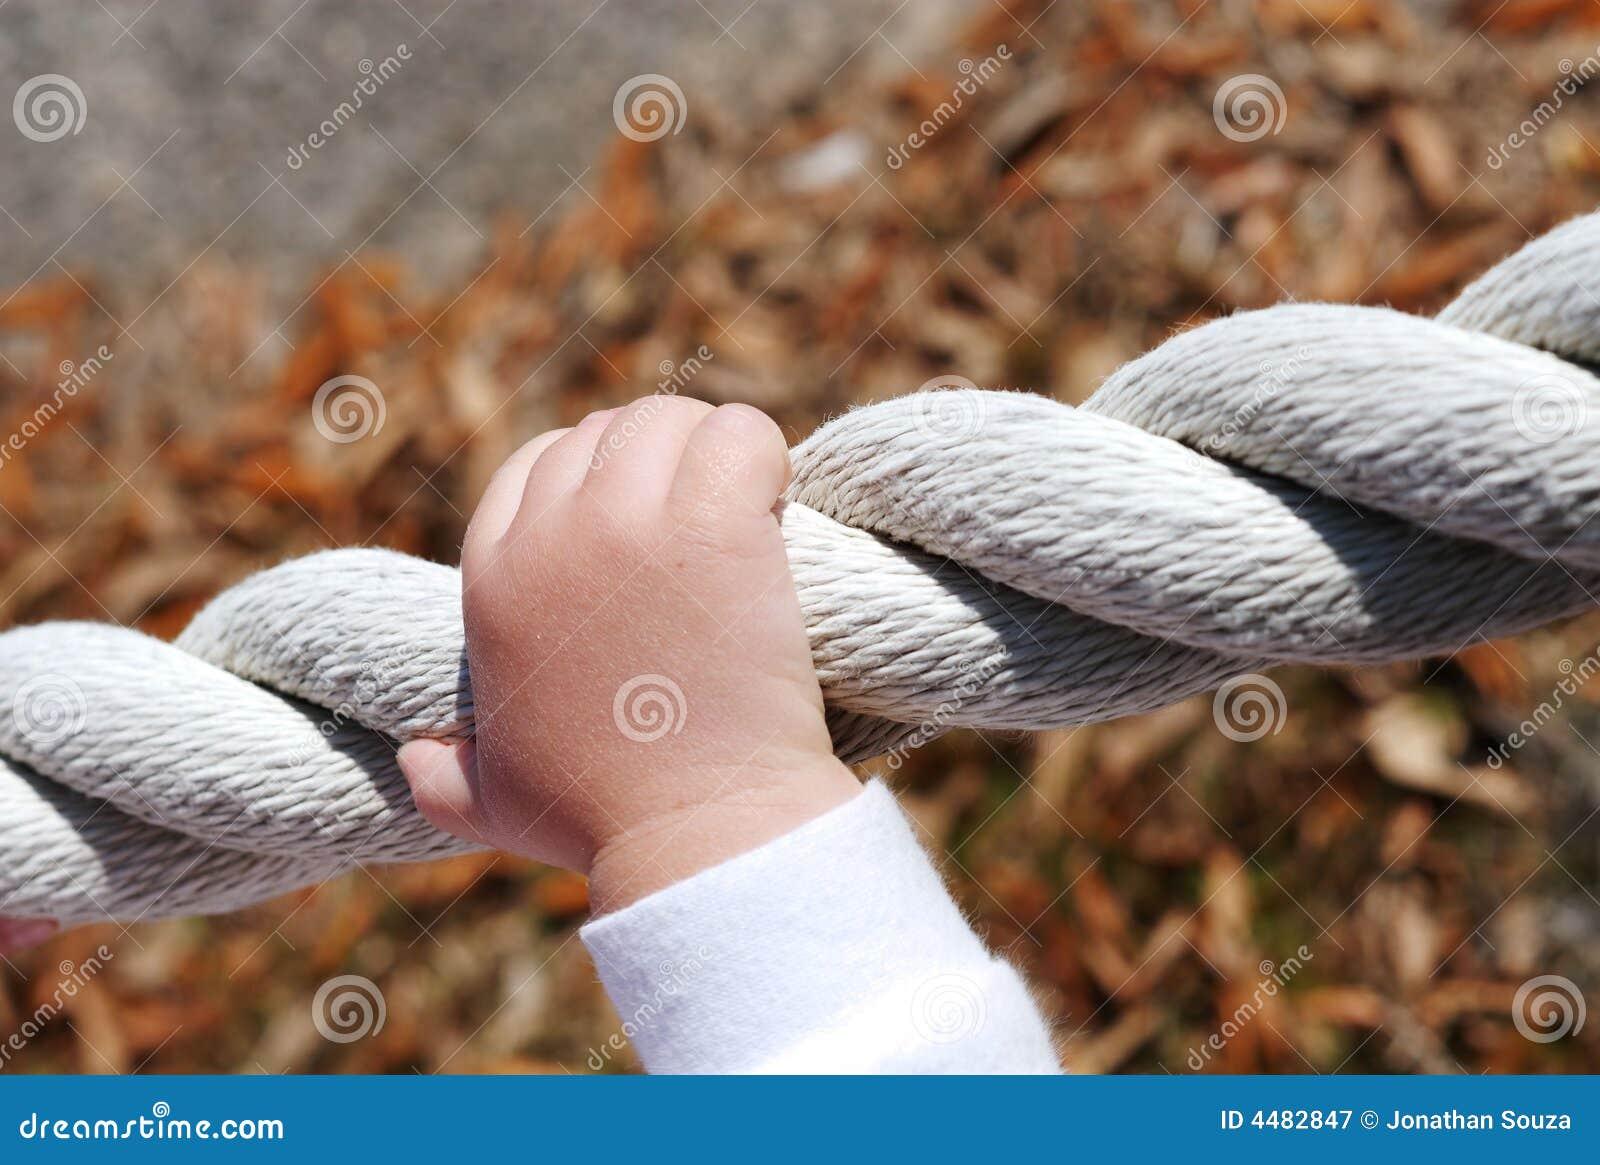 Confiance des mains sur une corde